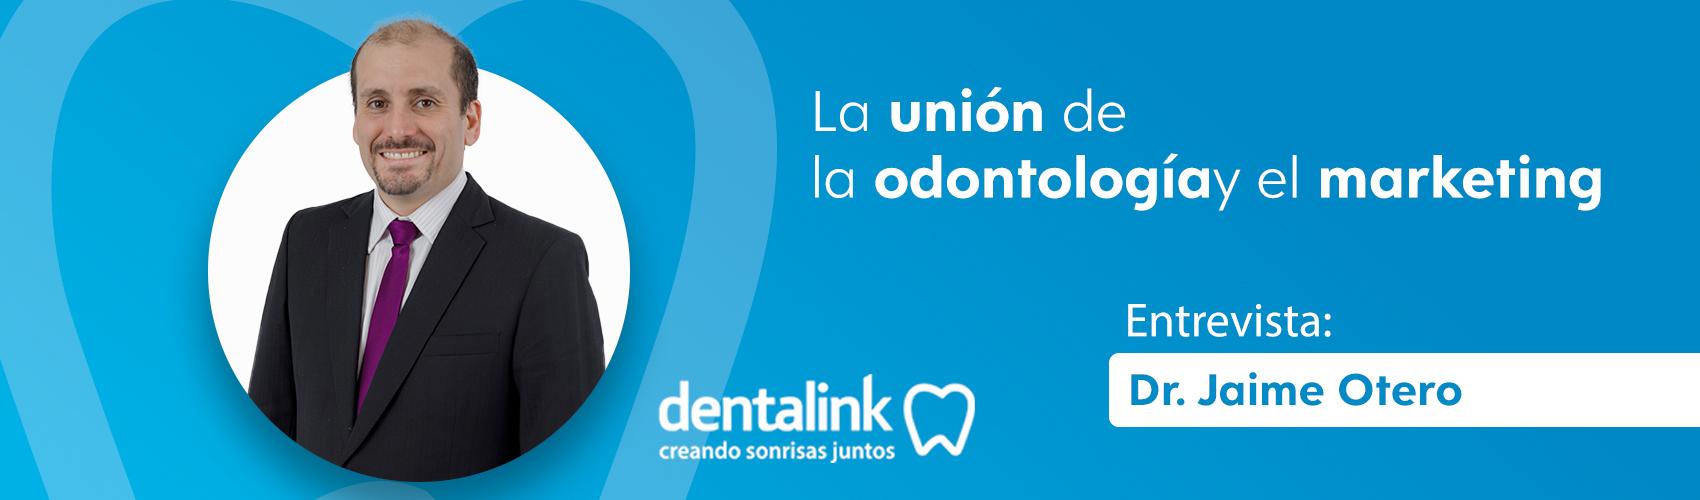 La unión de la odontología y el marketing - Entrevista Dr. Jaime Otero